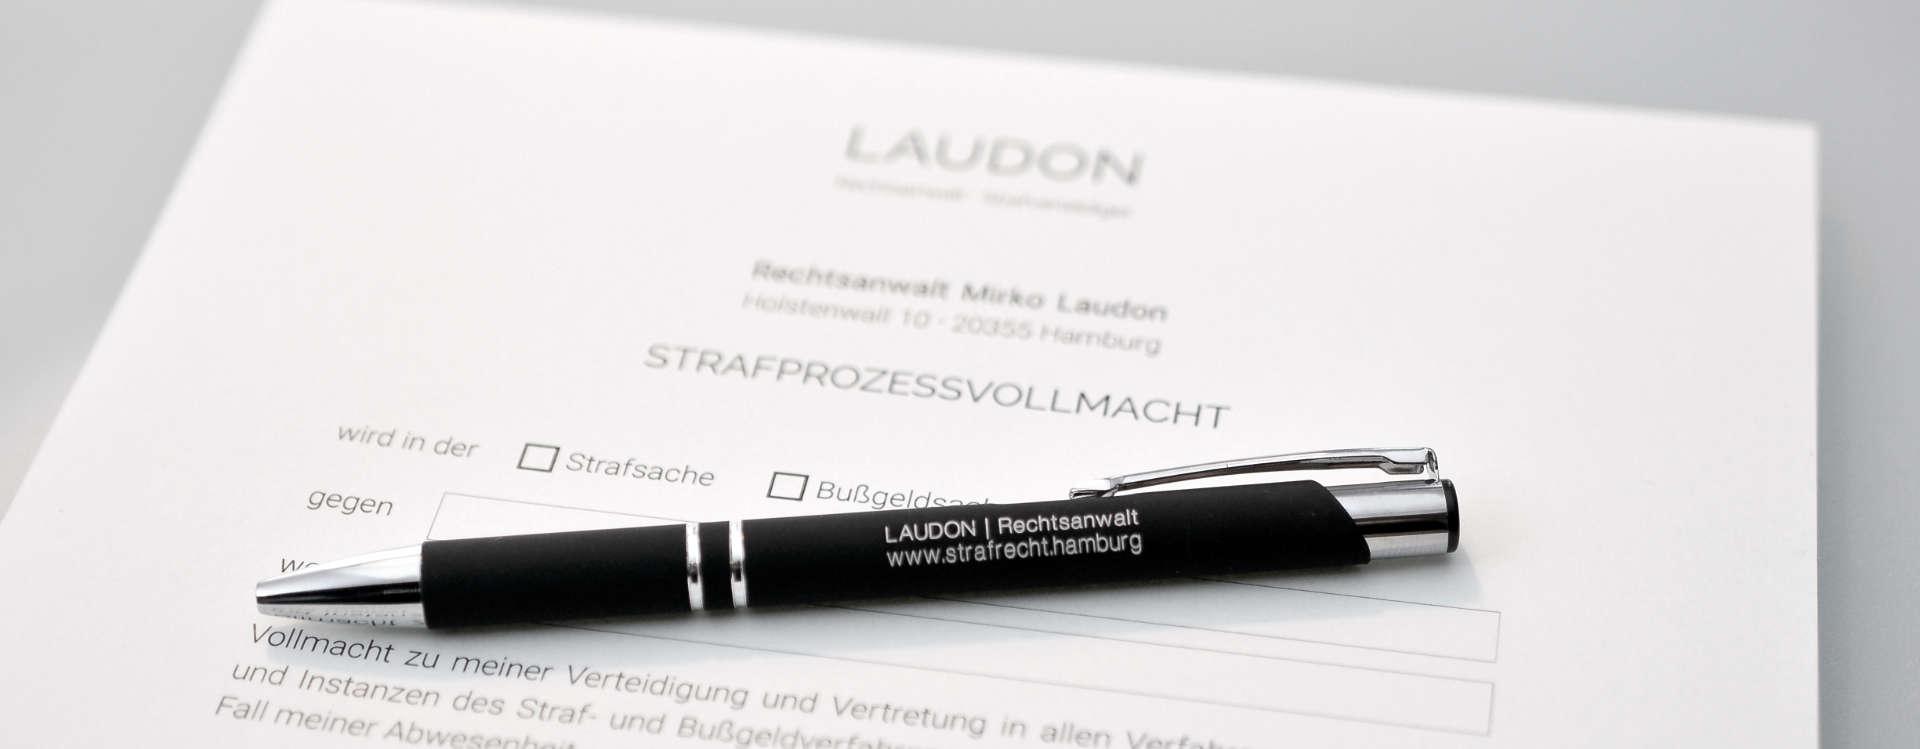 Strafprozessvollmacht // Strafrecht // LAUDON Strafverteidigung